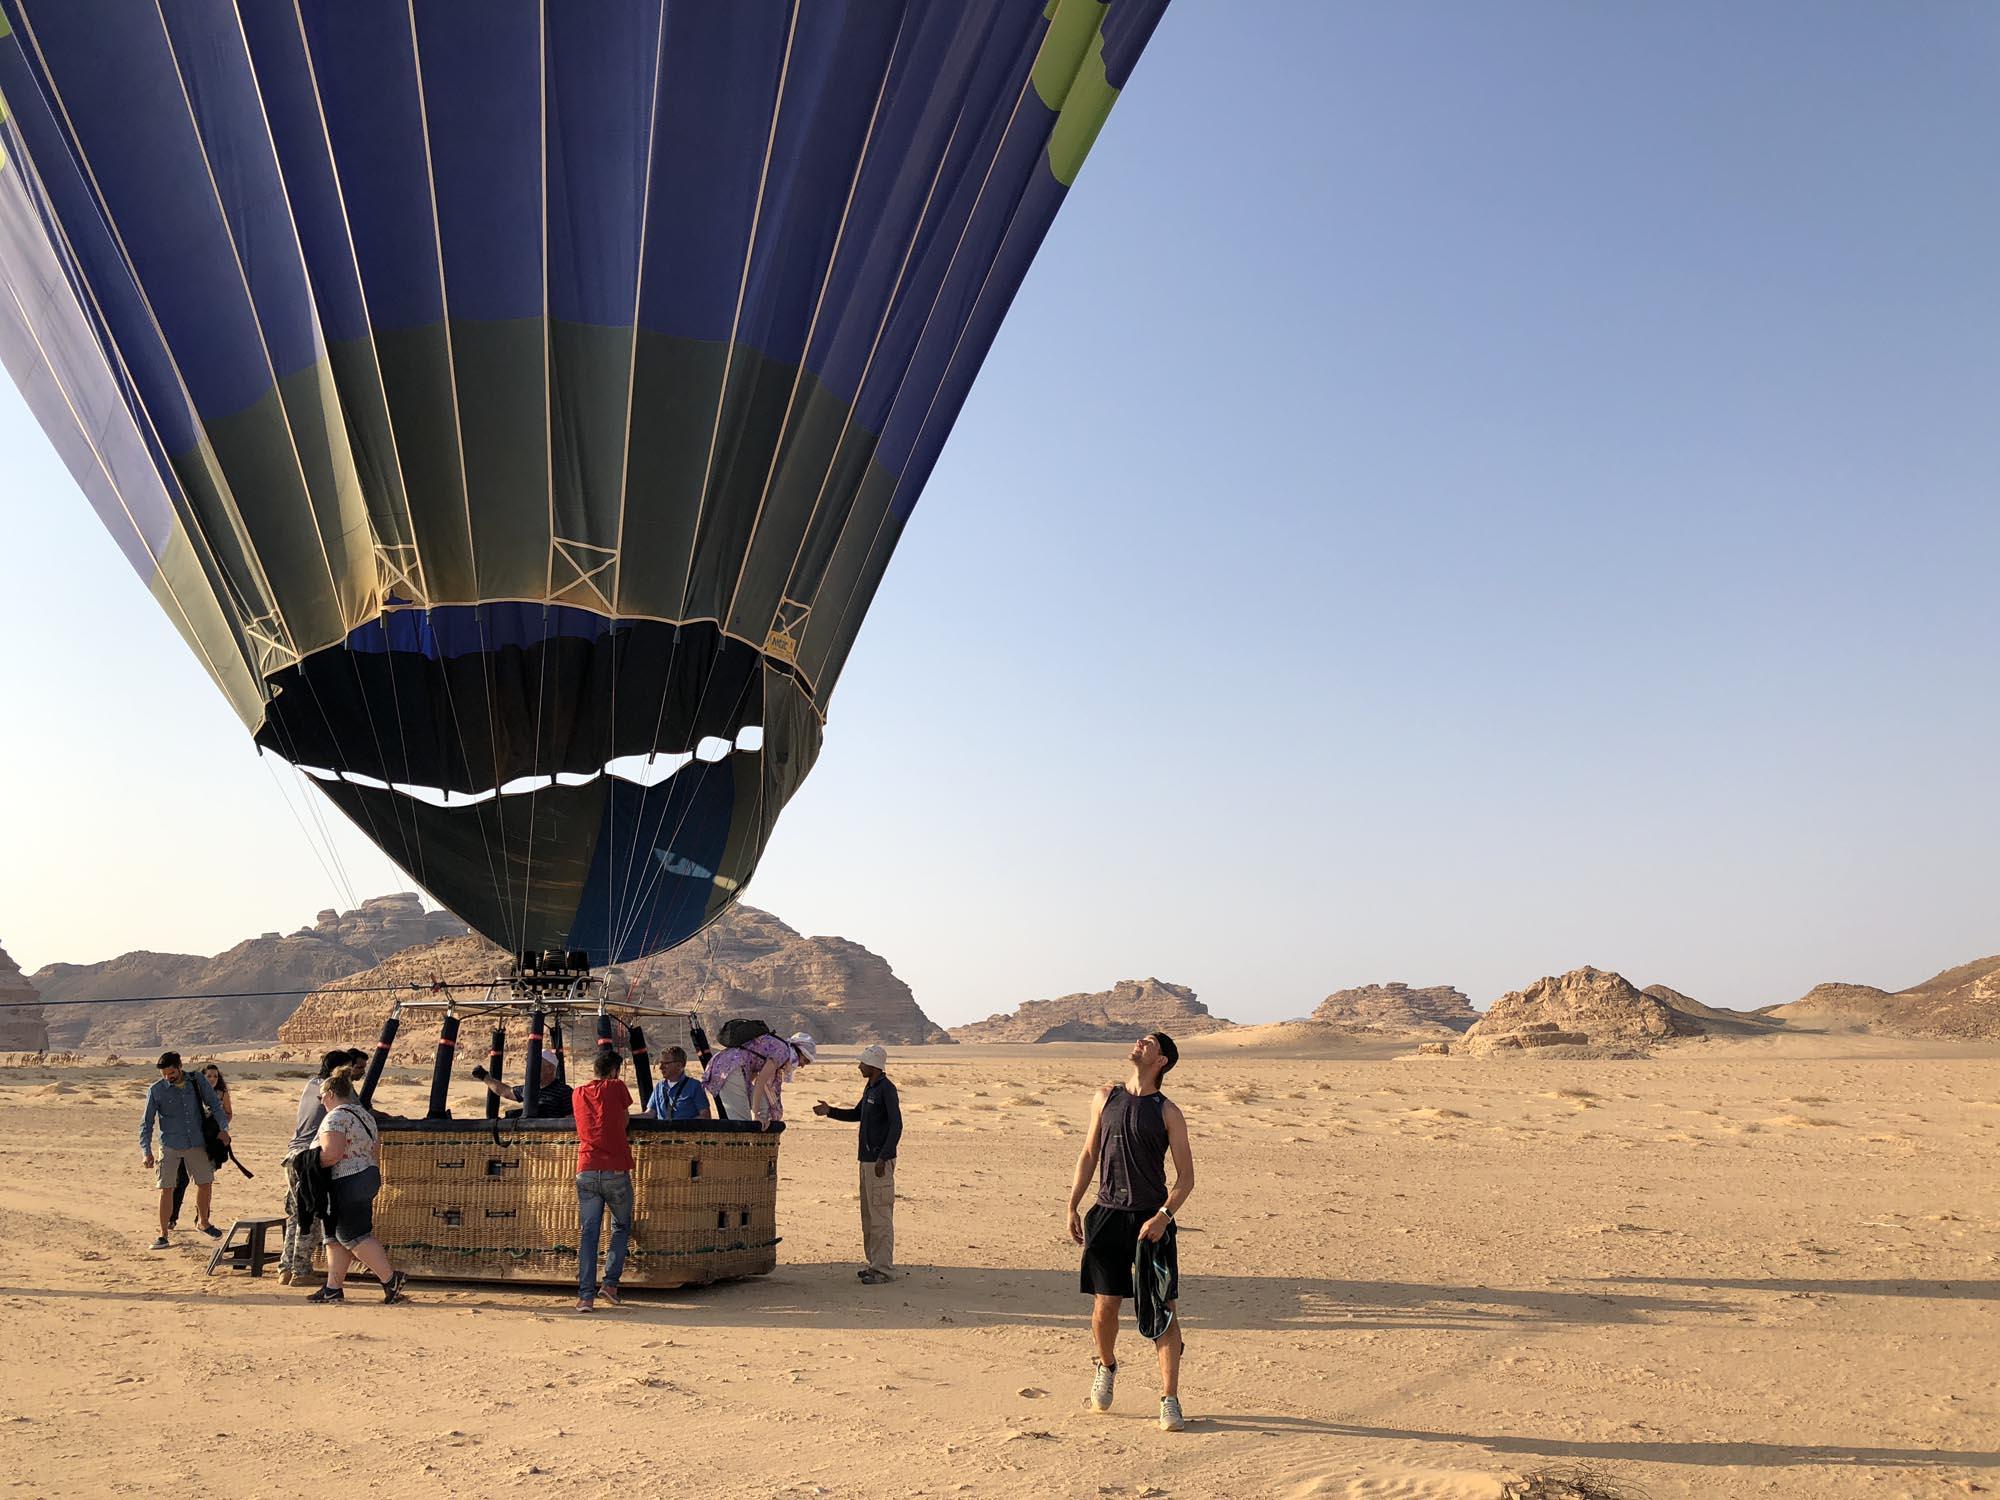 Wadi Rum Ballonvaart Over Woestijn